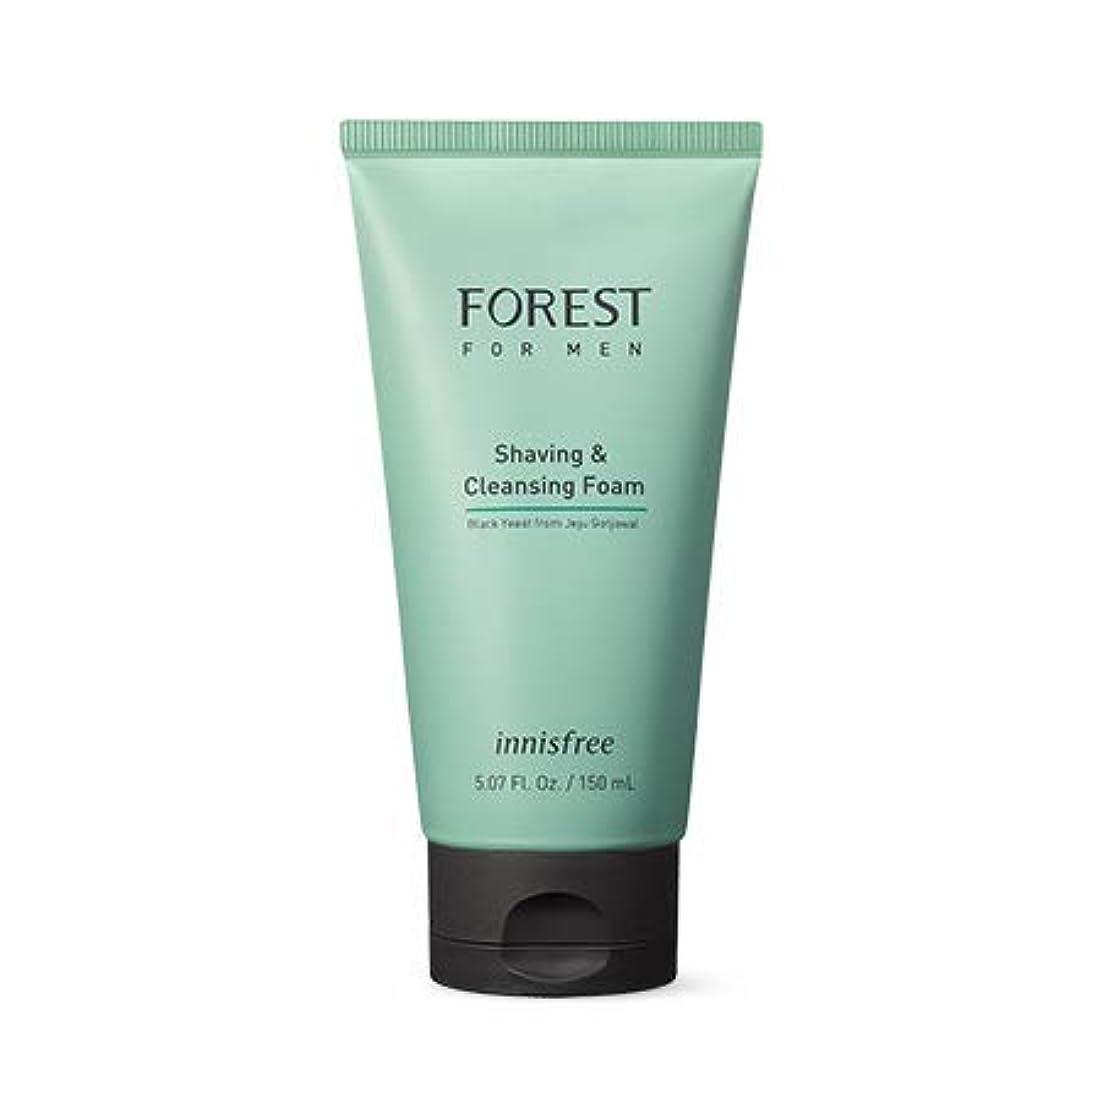 中国誠意予測する[イニスフリー.innisfree]フォレストフォアマンシェービング&クレンジングフォーム150mL(2019.05新製品)/ Forest for Men Shaving&Cleansing Foam